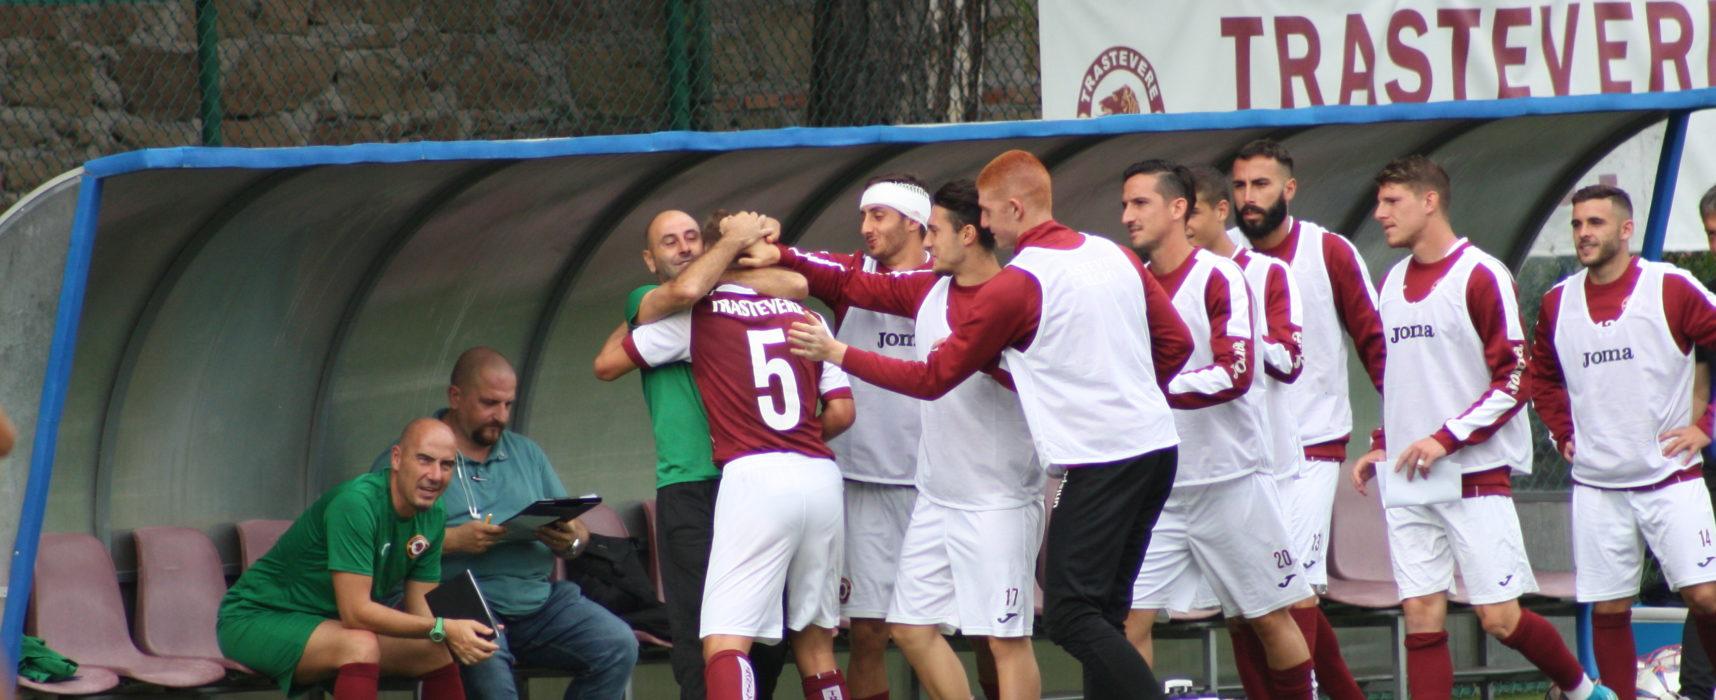 Anzio KO al Trastevere Stadium: a segno Donati, Bernardotto e doppietta di Druschky